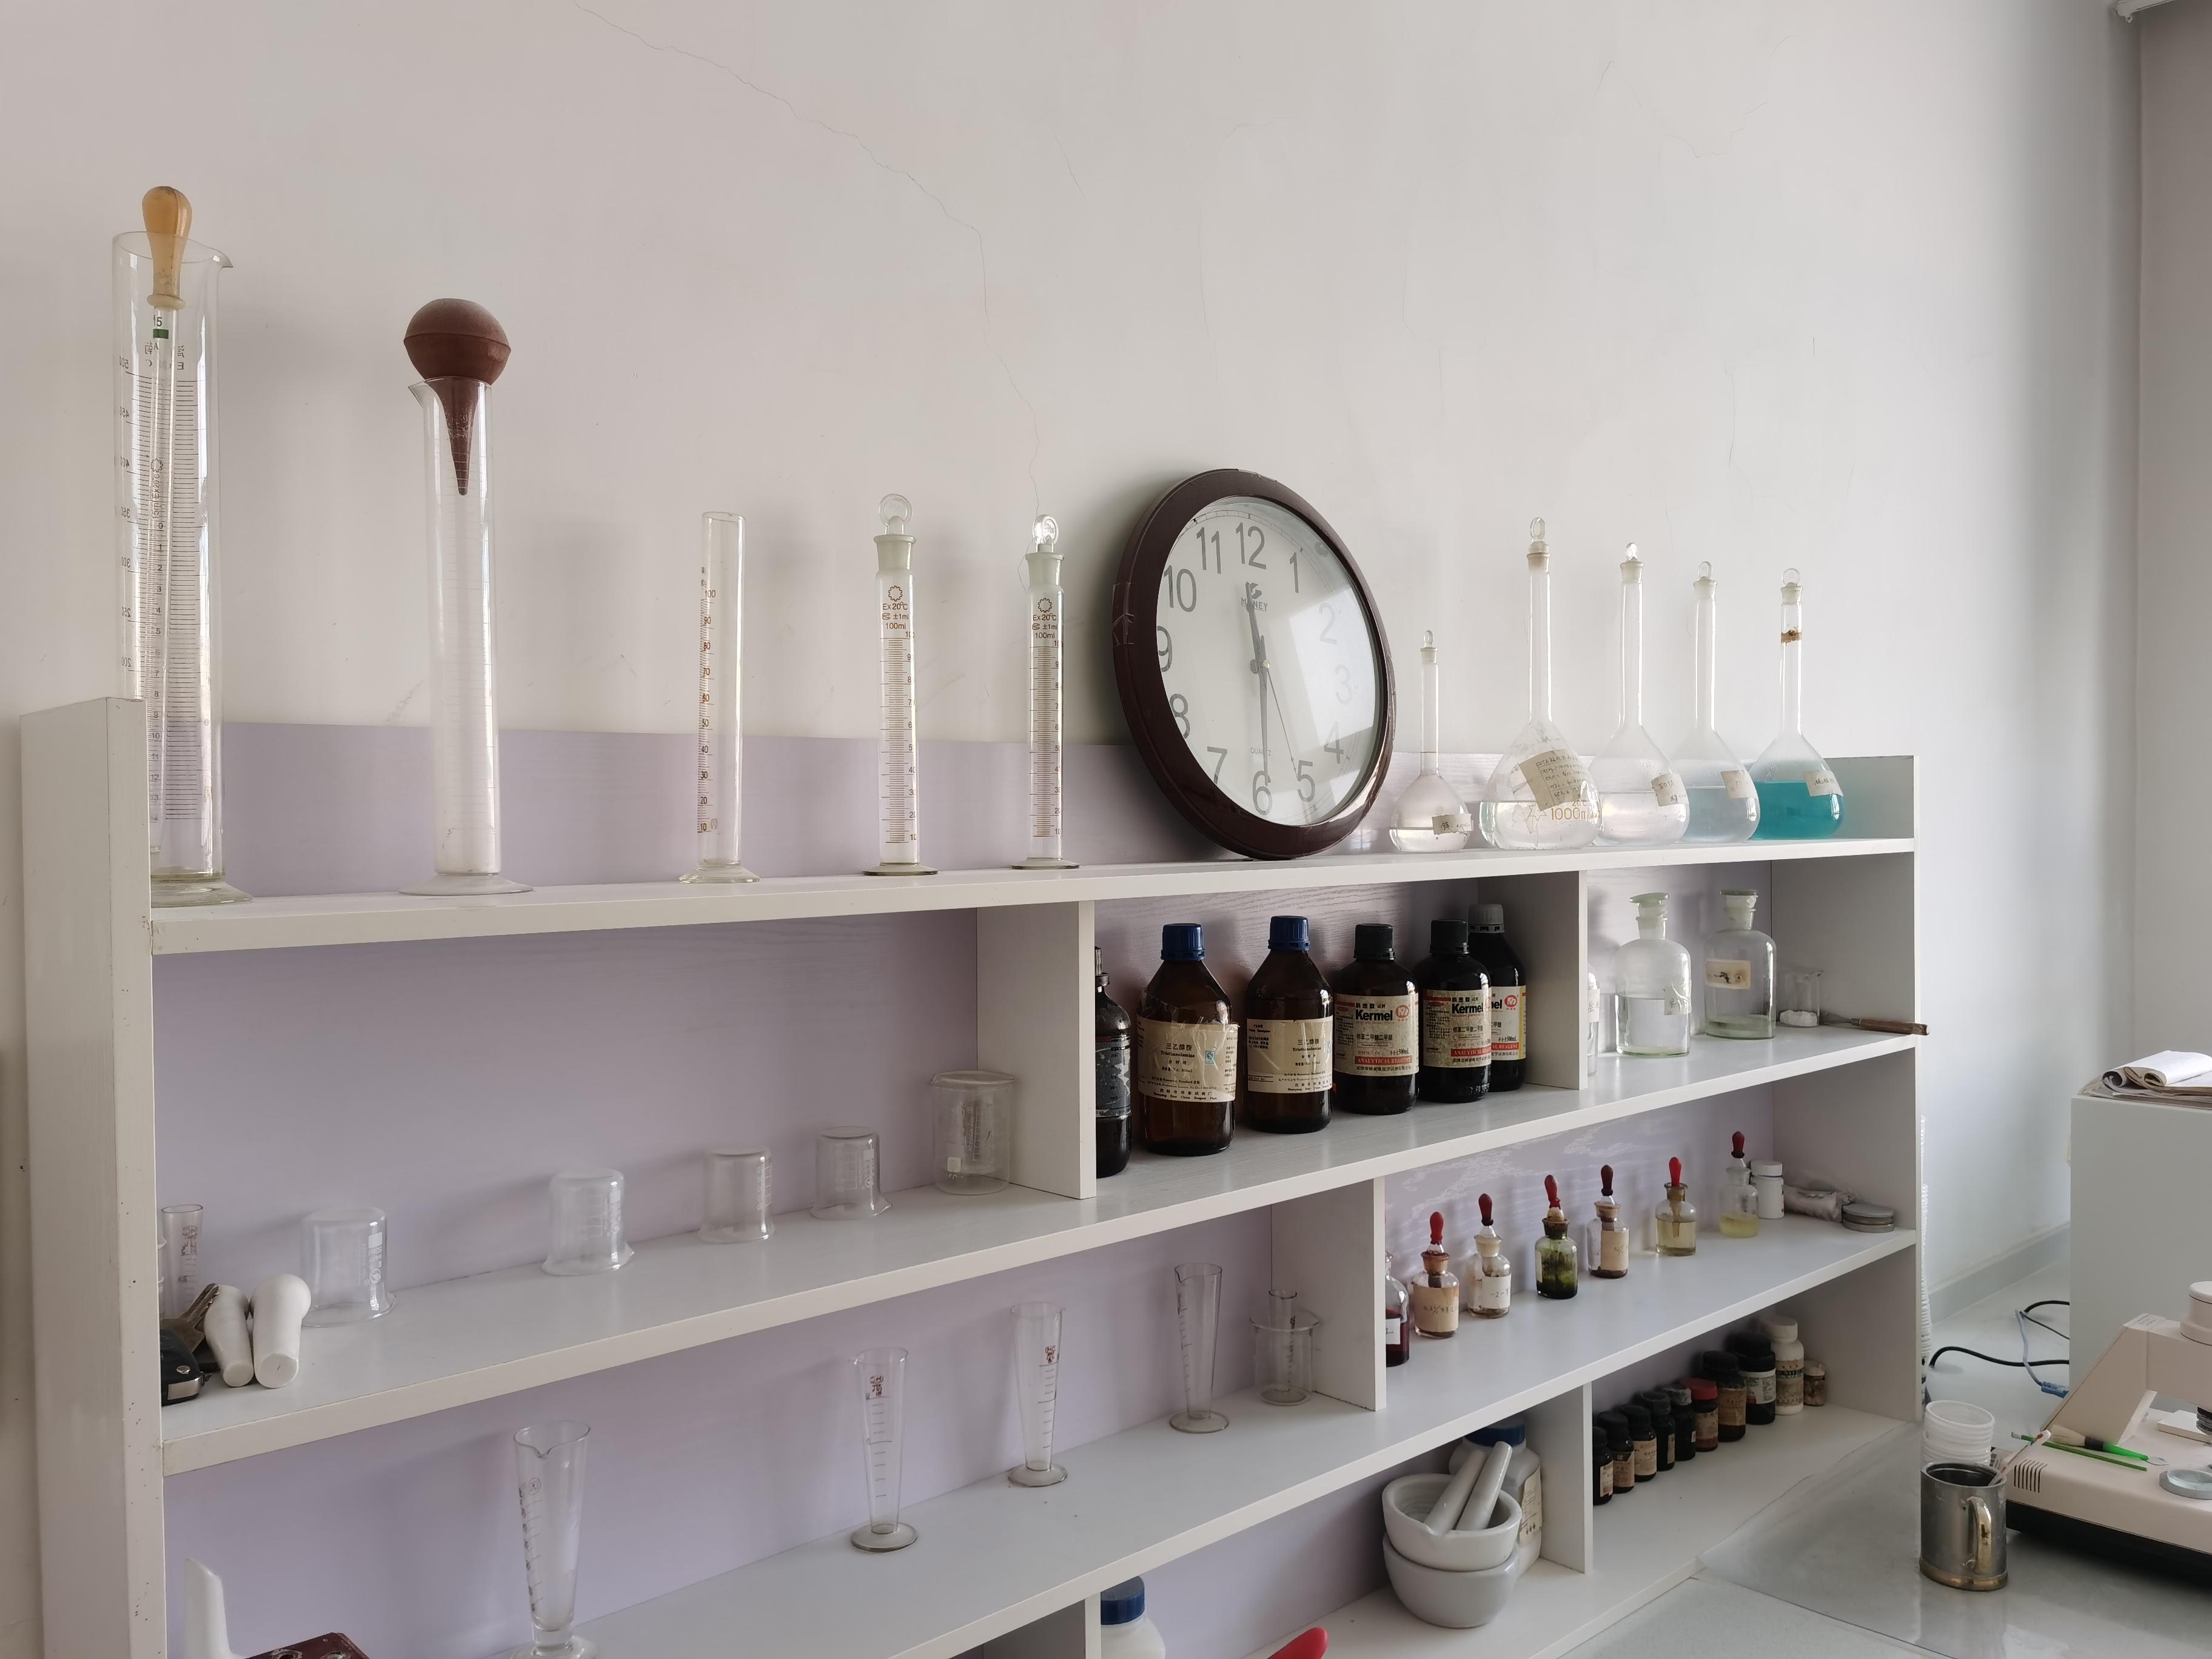 硬脂酸锌和滑石粉的区别